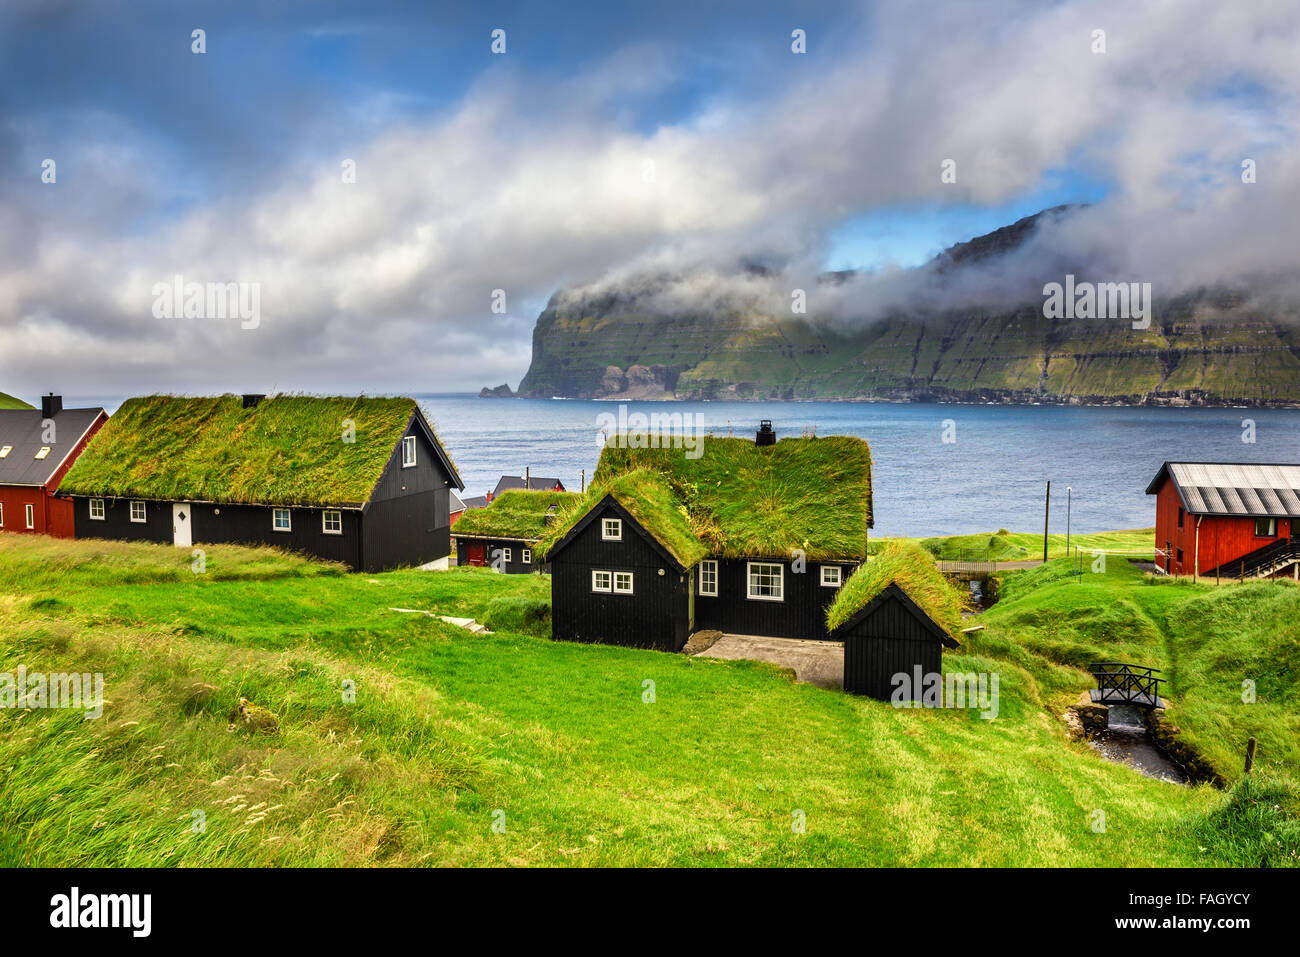 Aldea de Mikladalur situado en la isla de Kalsoy, Islas Feroe, Dinamarca Imagen De Stock